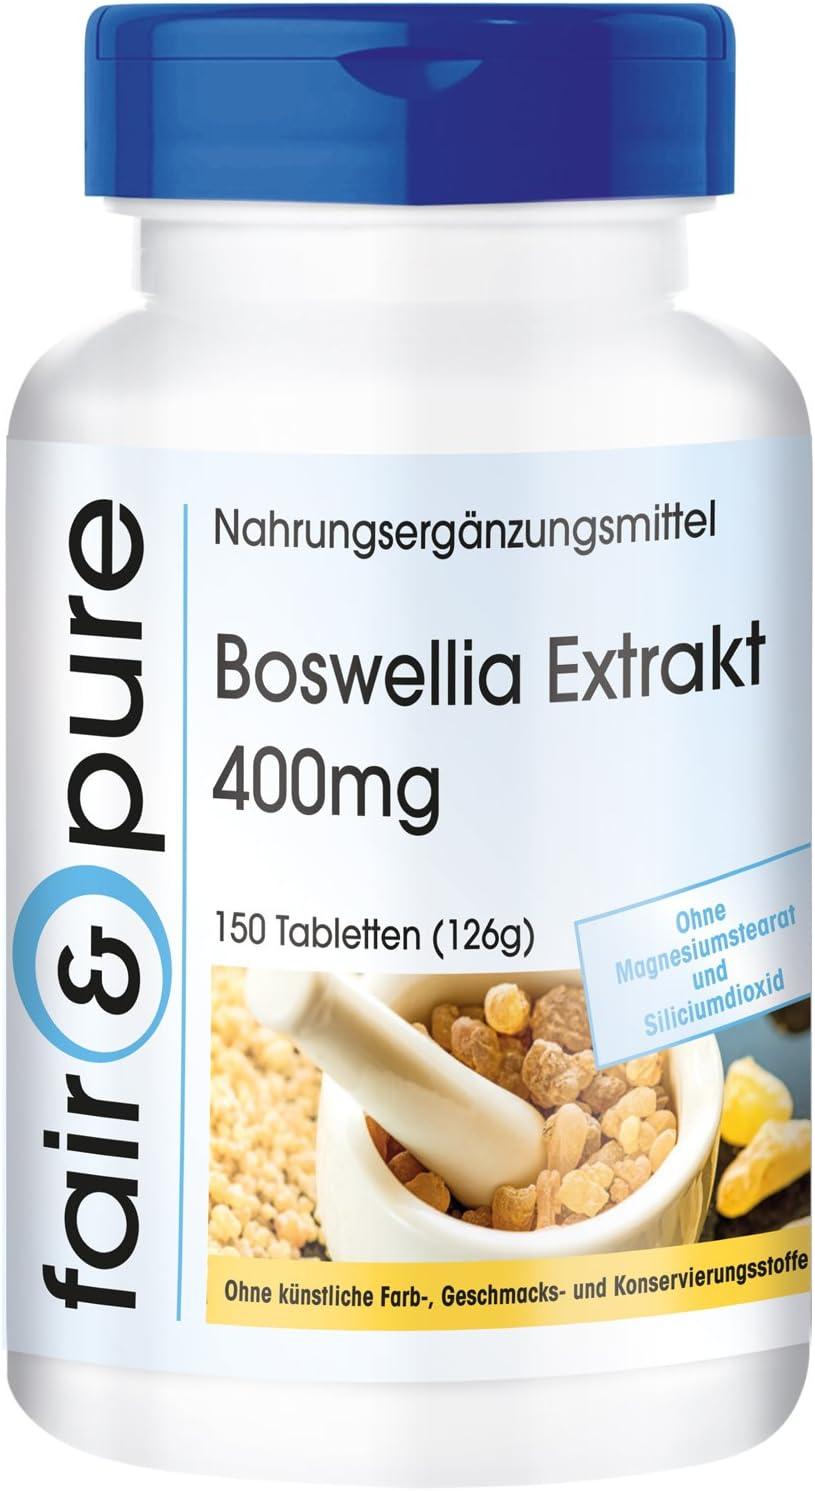 Extracto de Boswellia 400mg 150 comprimidos y conservantes